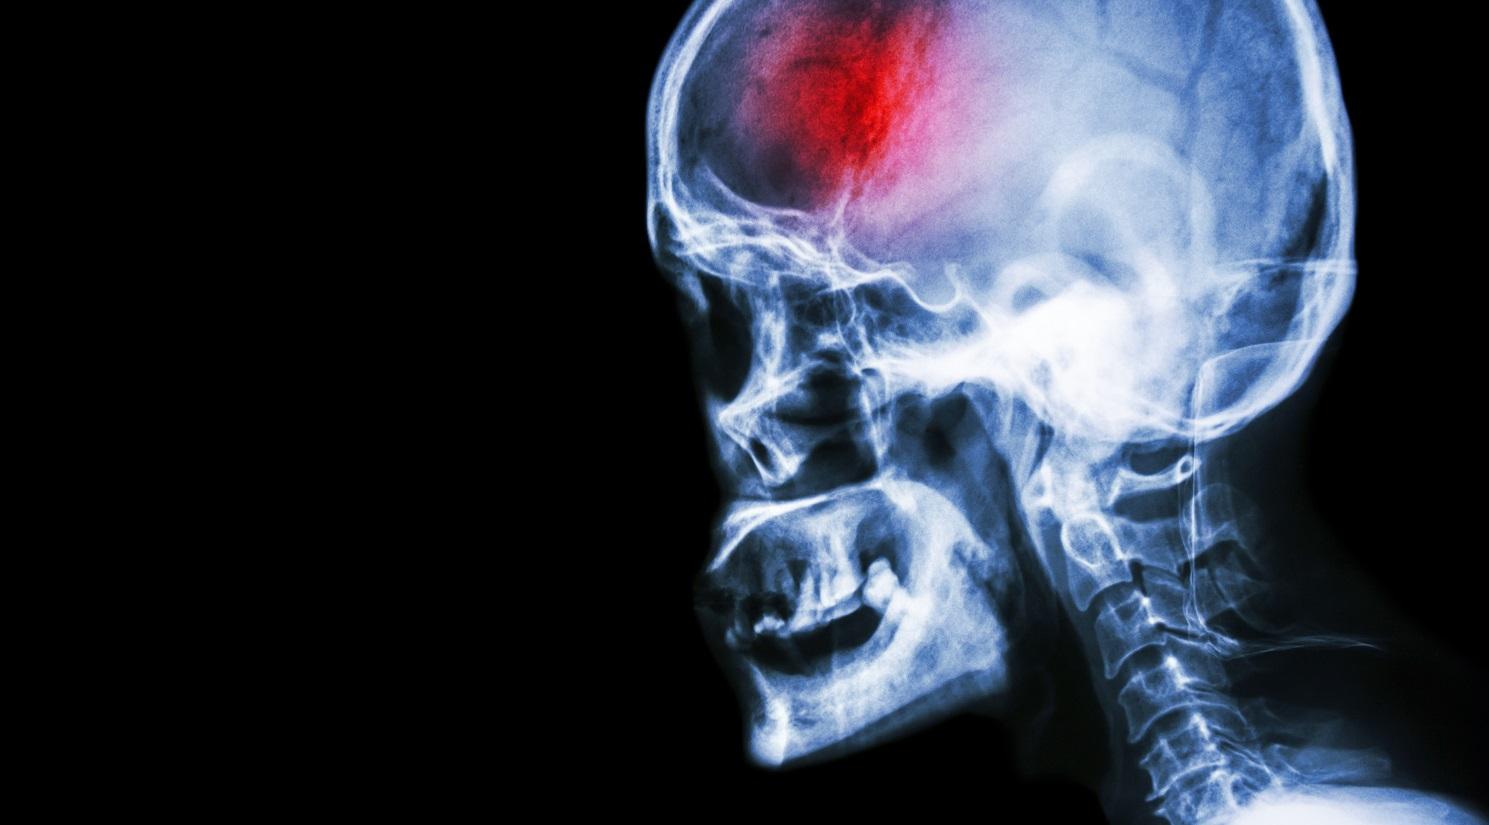 Hemorragia cerebral por caída de anticoagulantes